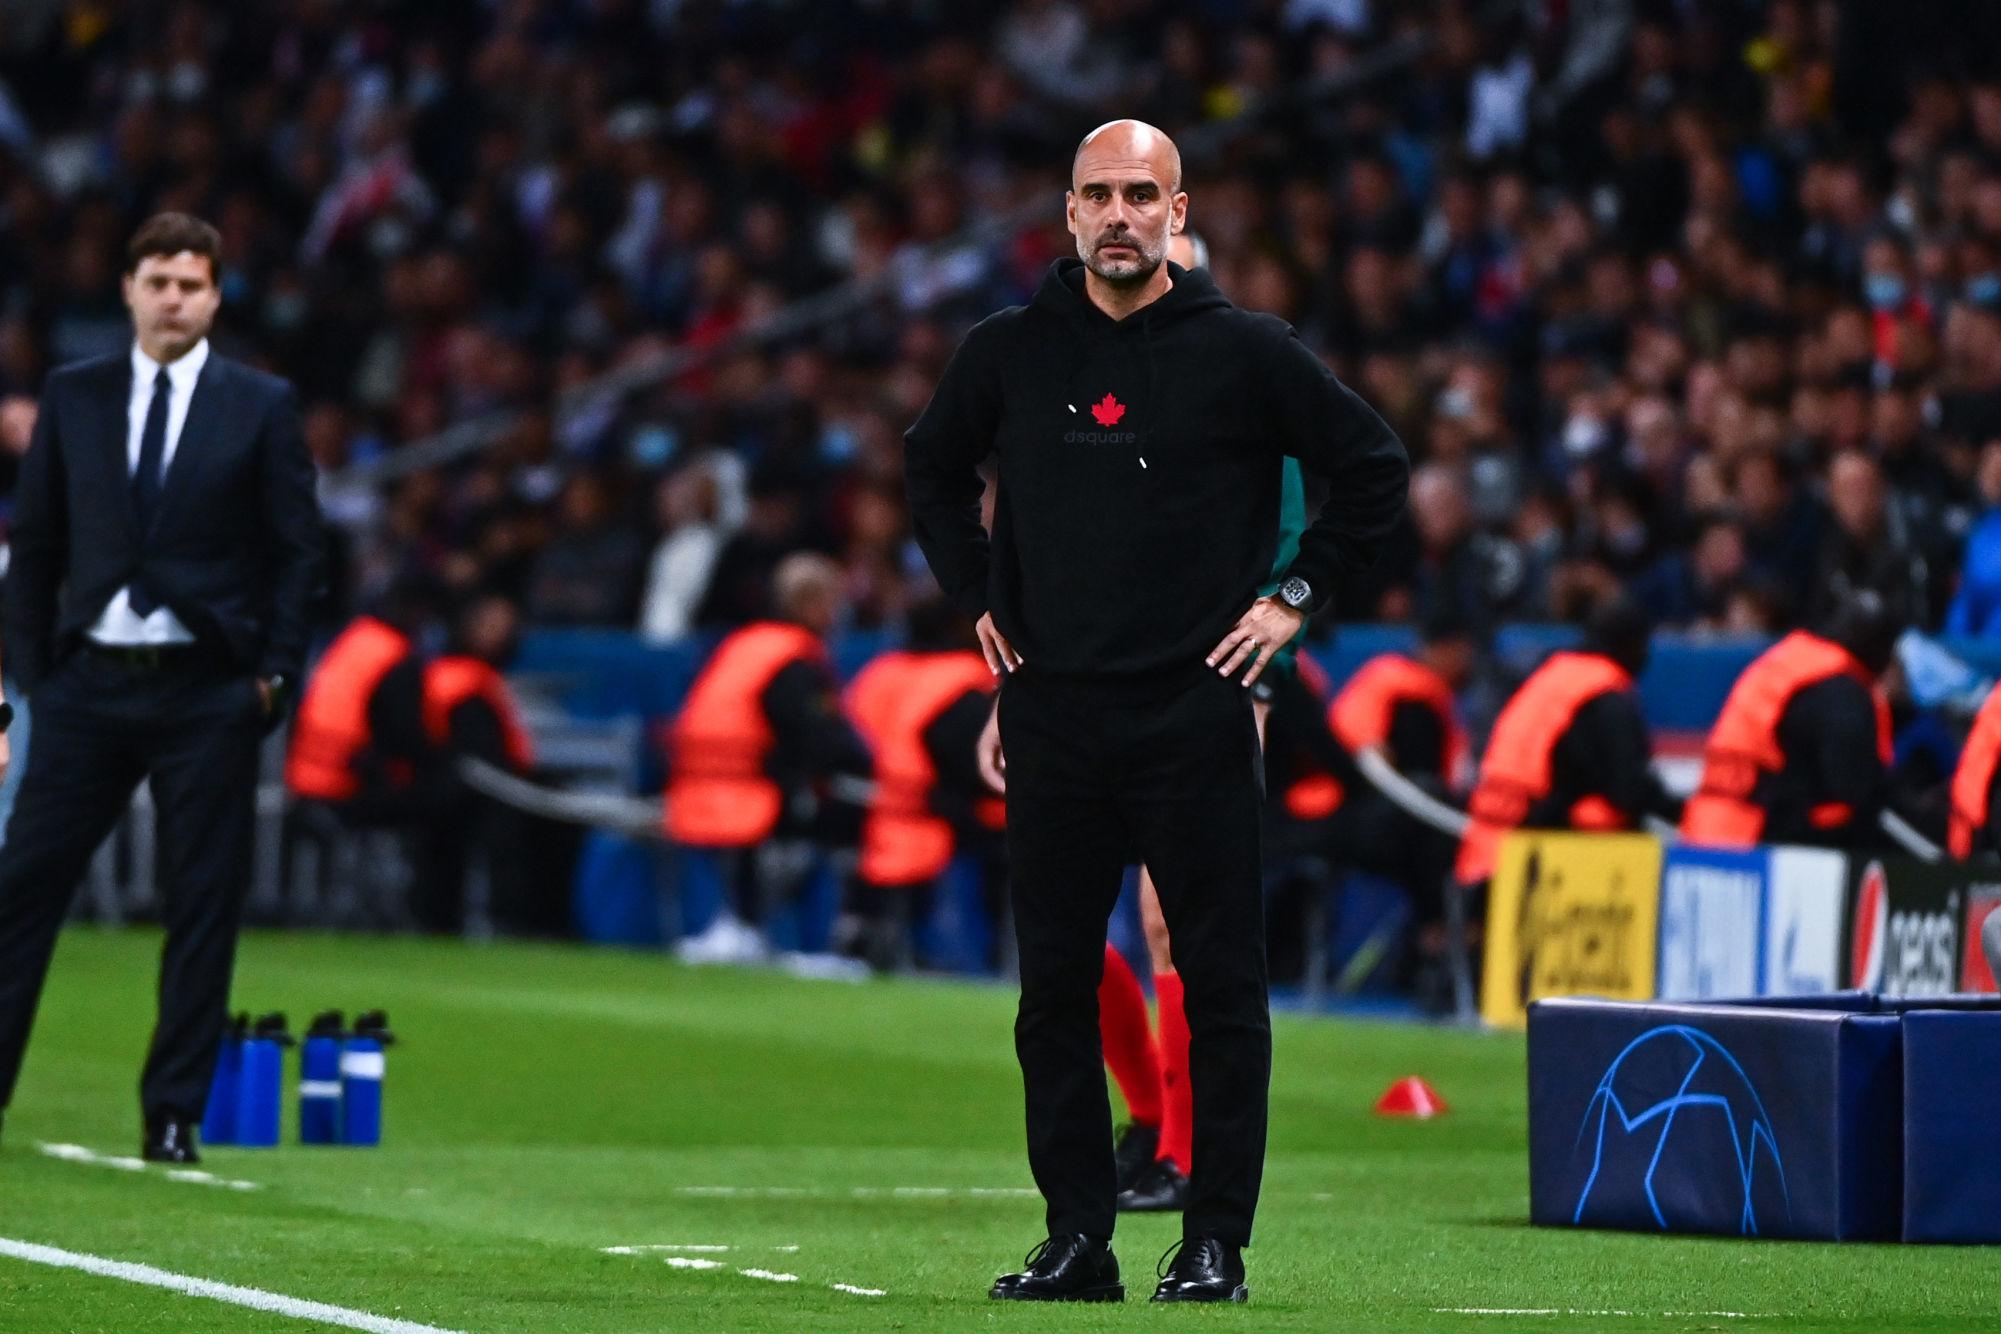 PSG/City - Guardiola en conf : l'efficacité, Messi, le jeu et son amour pour Verratti